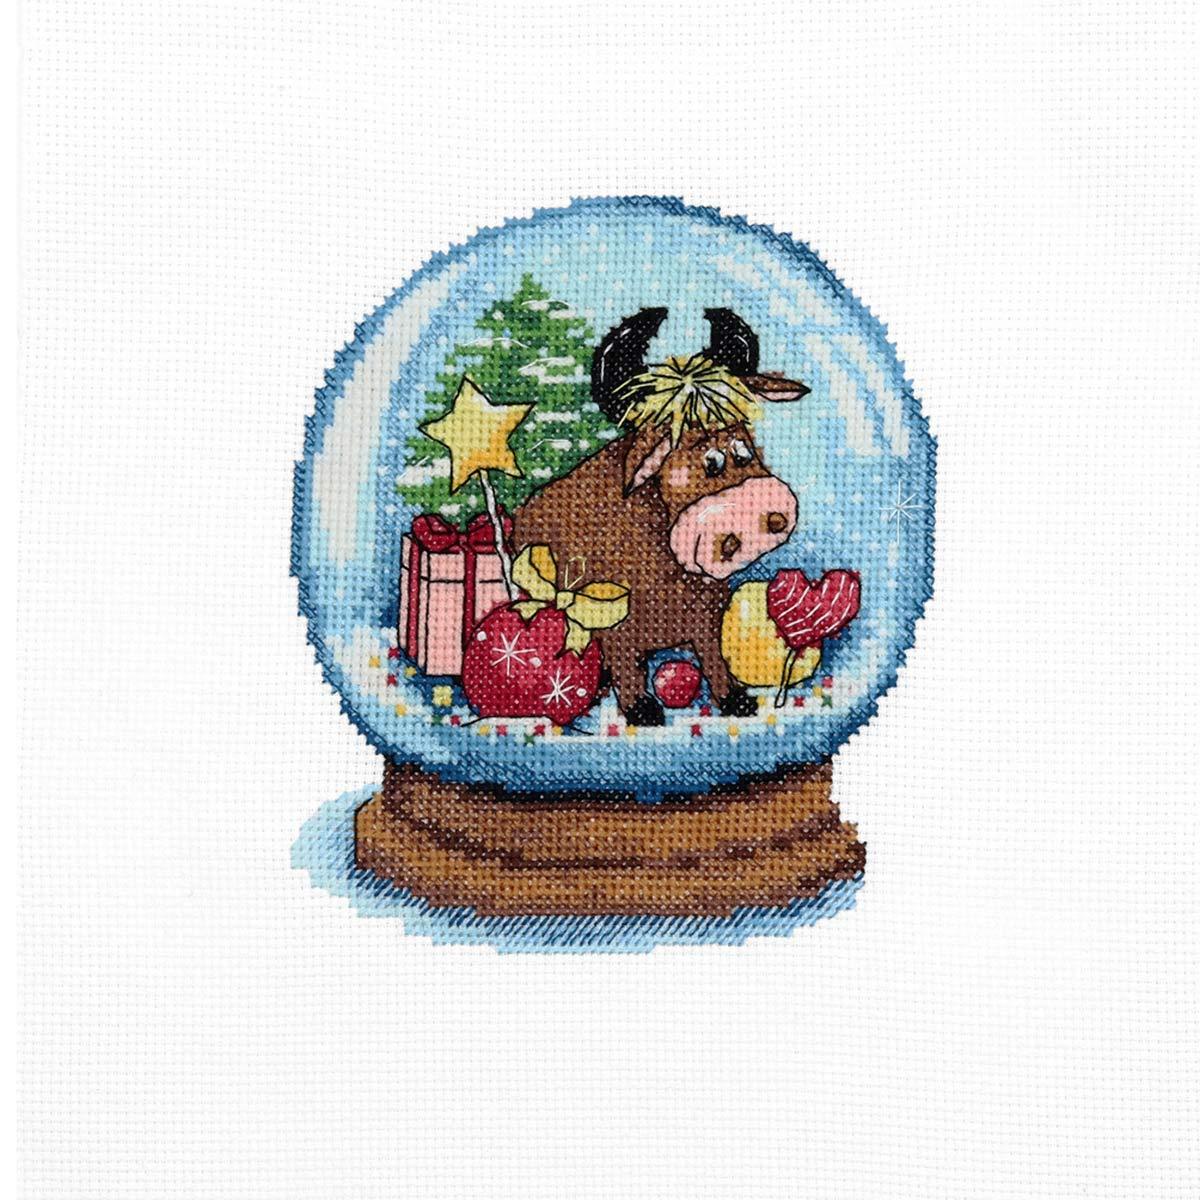 973 Набор для вышивания Hobby&Pro «Счастливый бычок» 11*13см